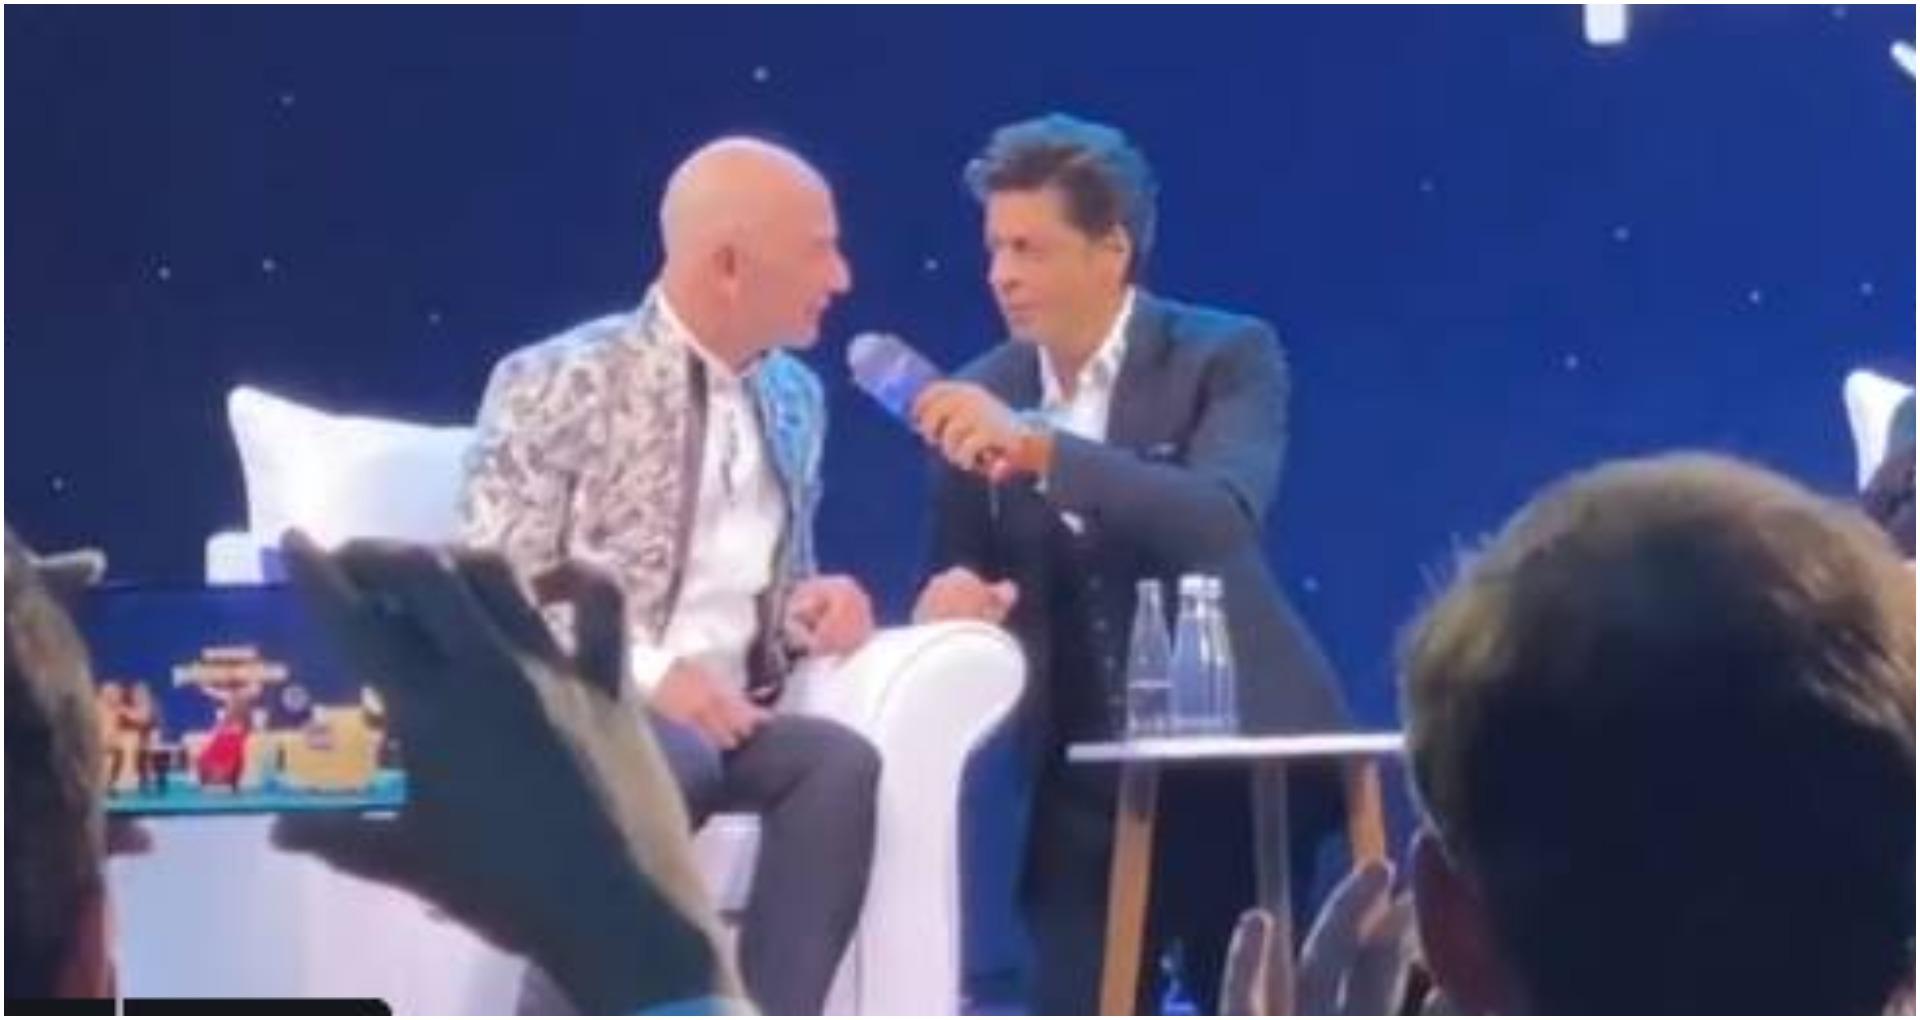 VIDEO: जब अमेज़न के फाउंडर जेफ बेजोस ने शाहरुख खान काडायलॉग 'डॉन को पकड़ना मुश्किल नहीं' कहा